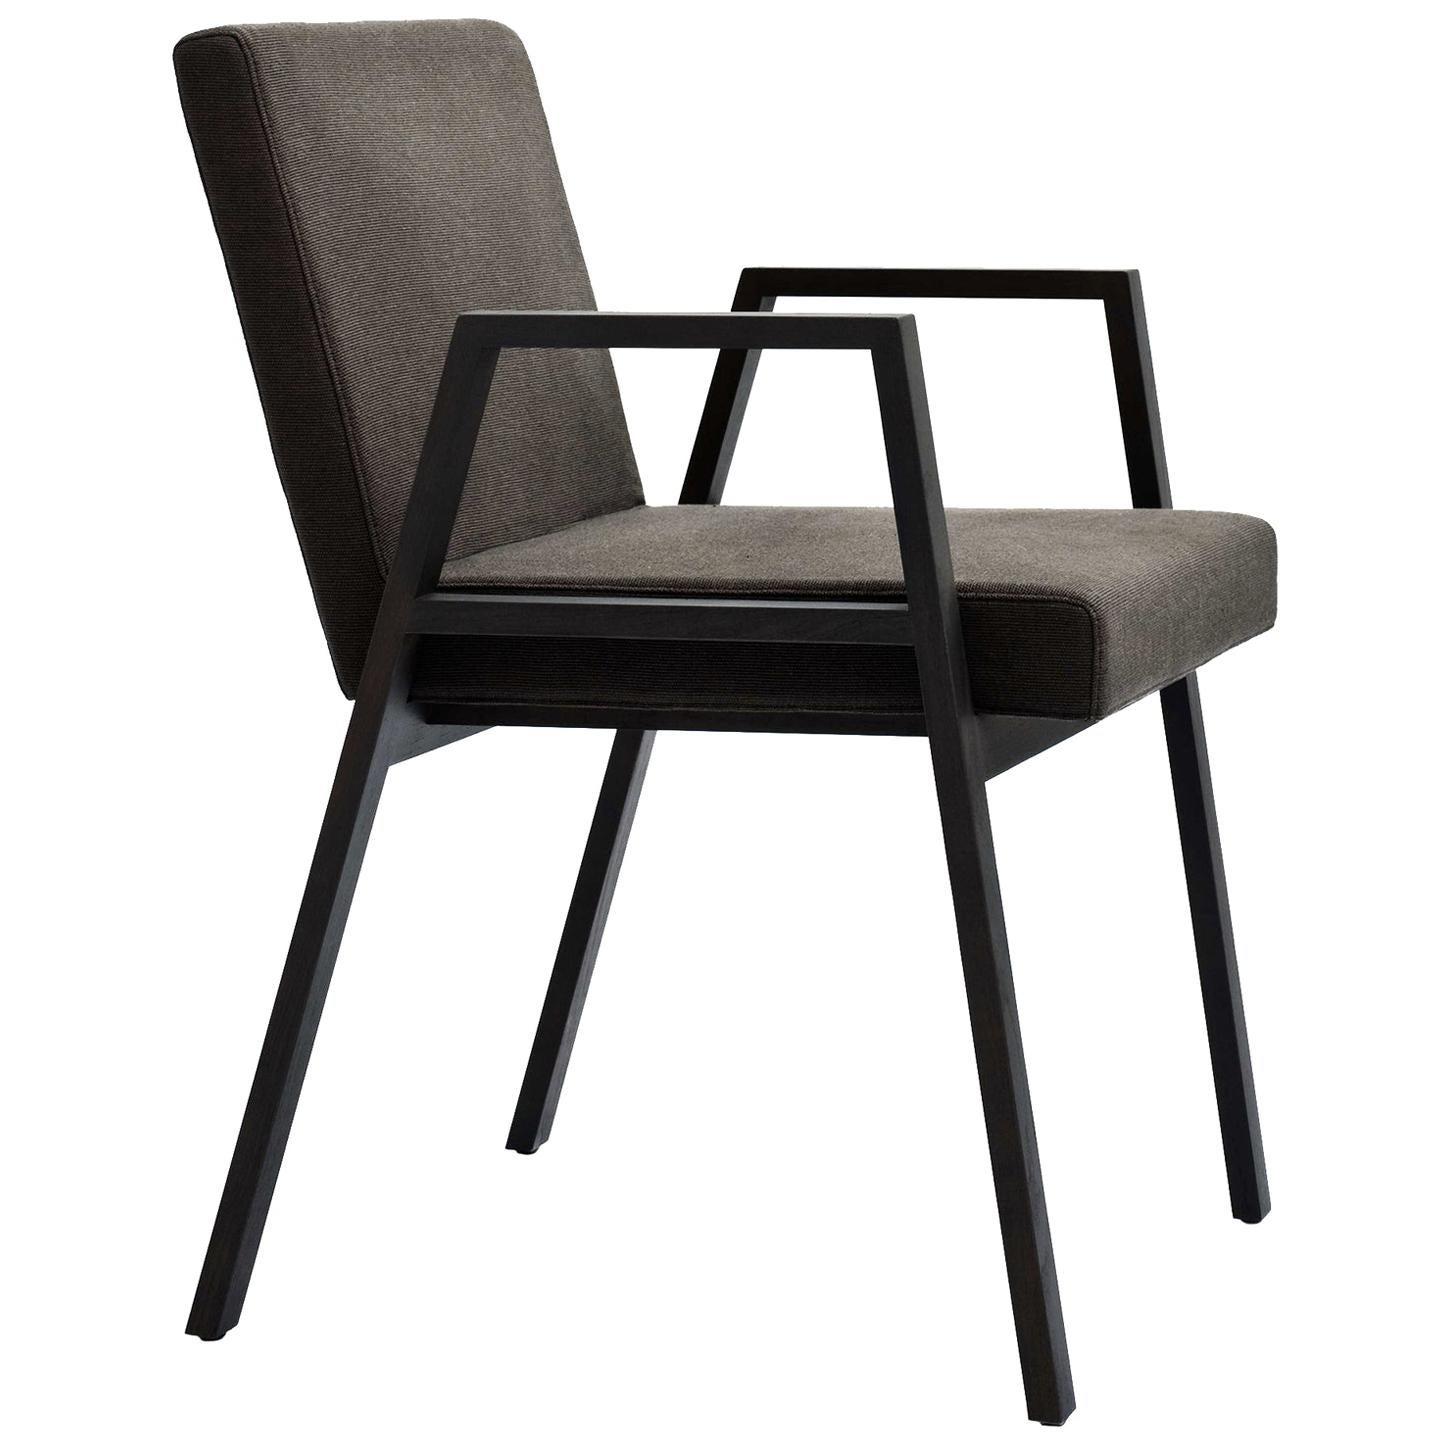 Tacchini Babela Armchair designed by Achille & Pier Giacomo Castiglioni